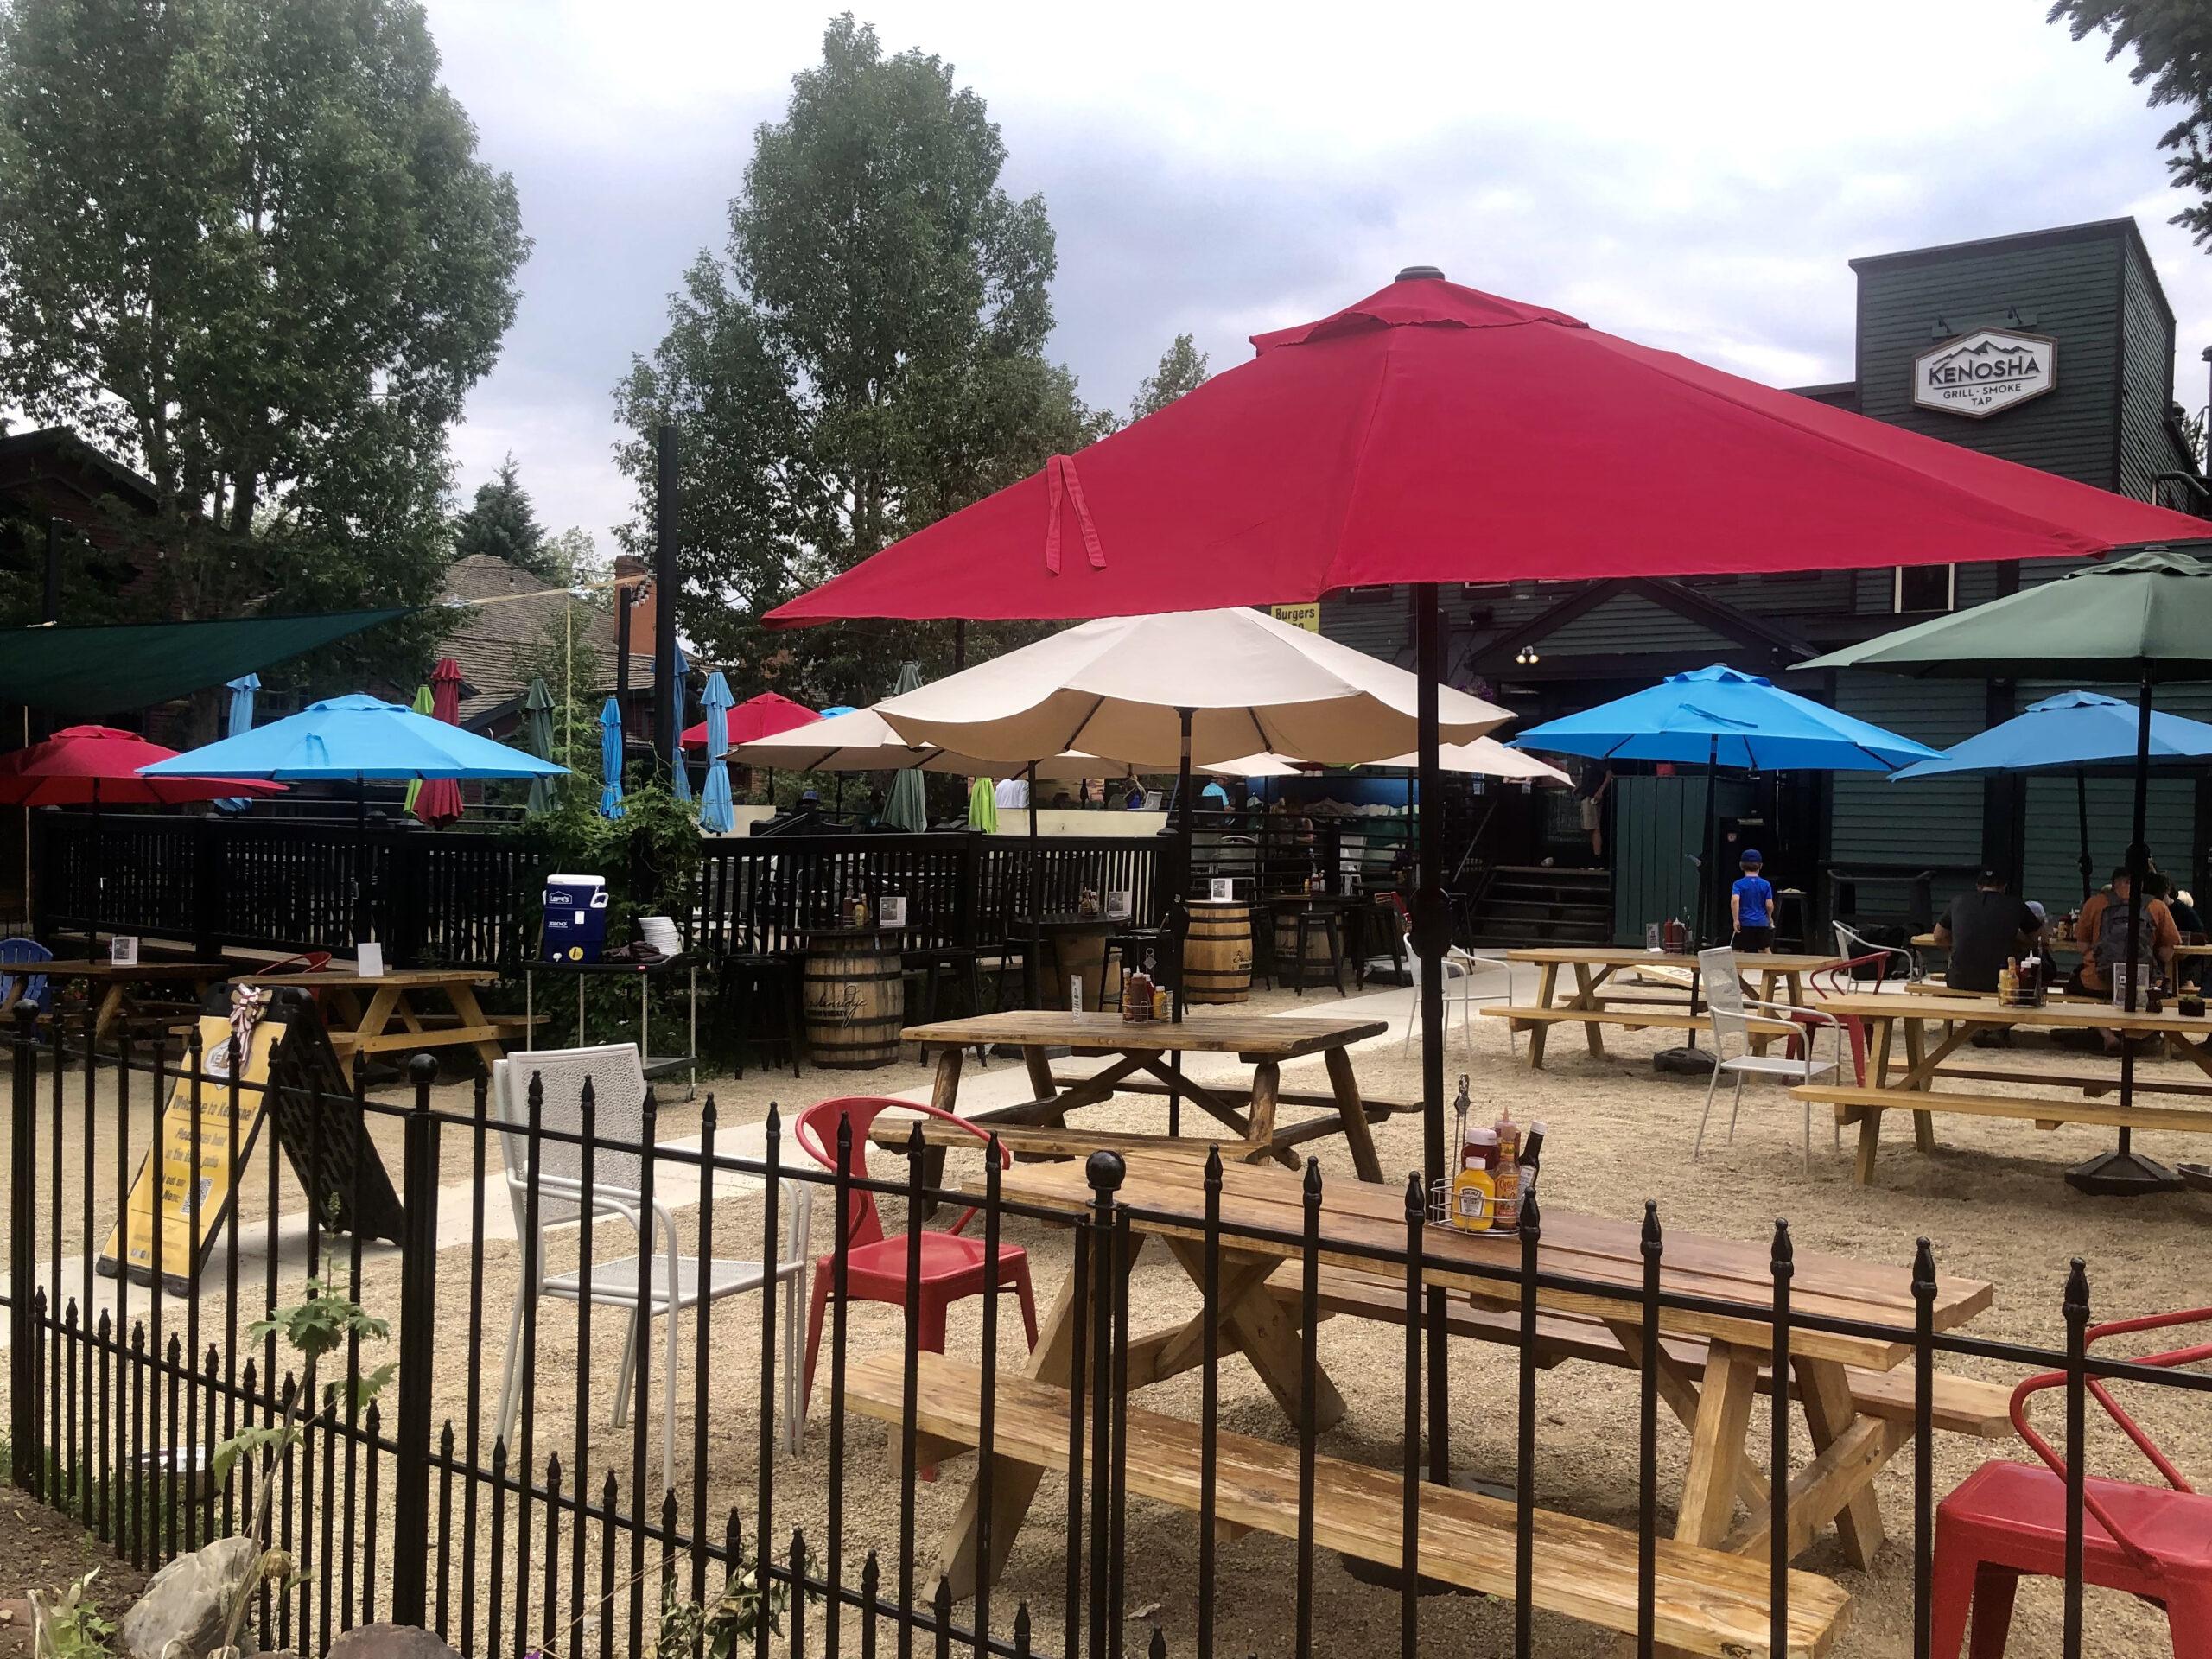 Summer Patio Days in Breckenridge